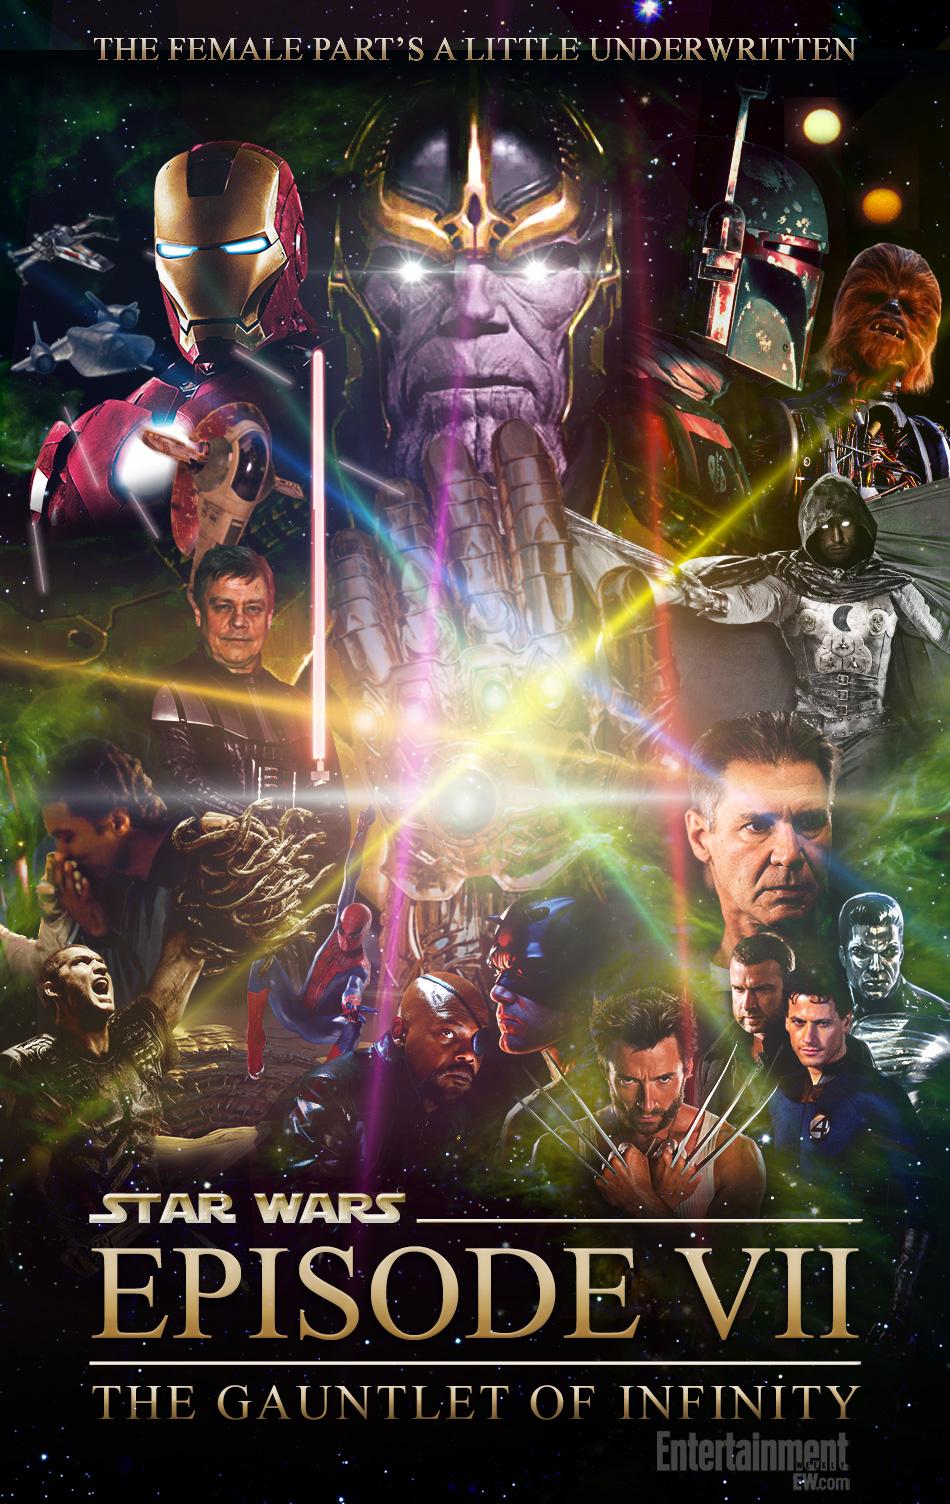 Star Wars Episode VII, Infinity Gauntlet, Thanos, Episode VII, Patton Oswalt